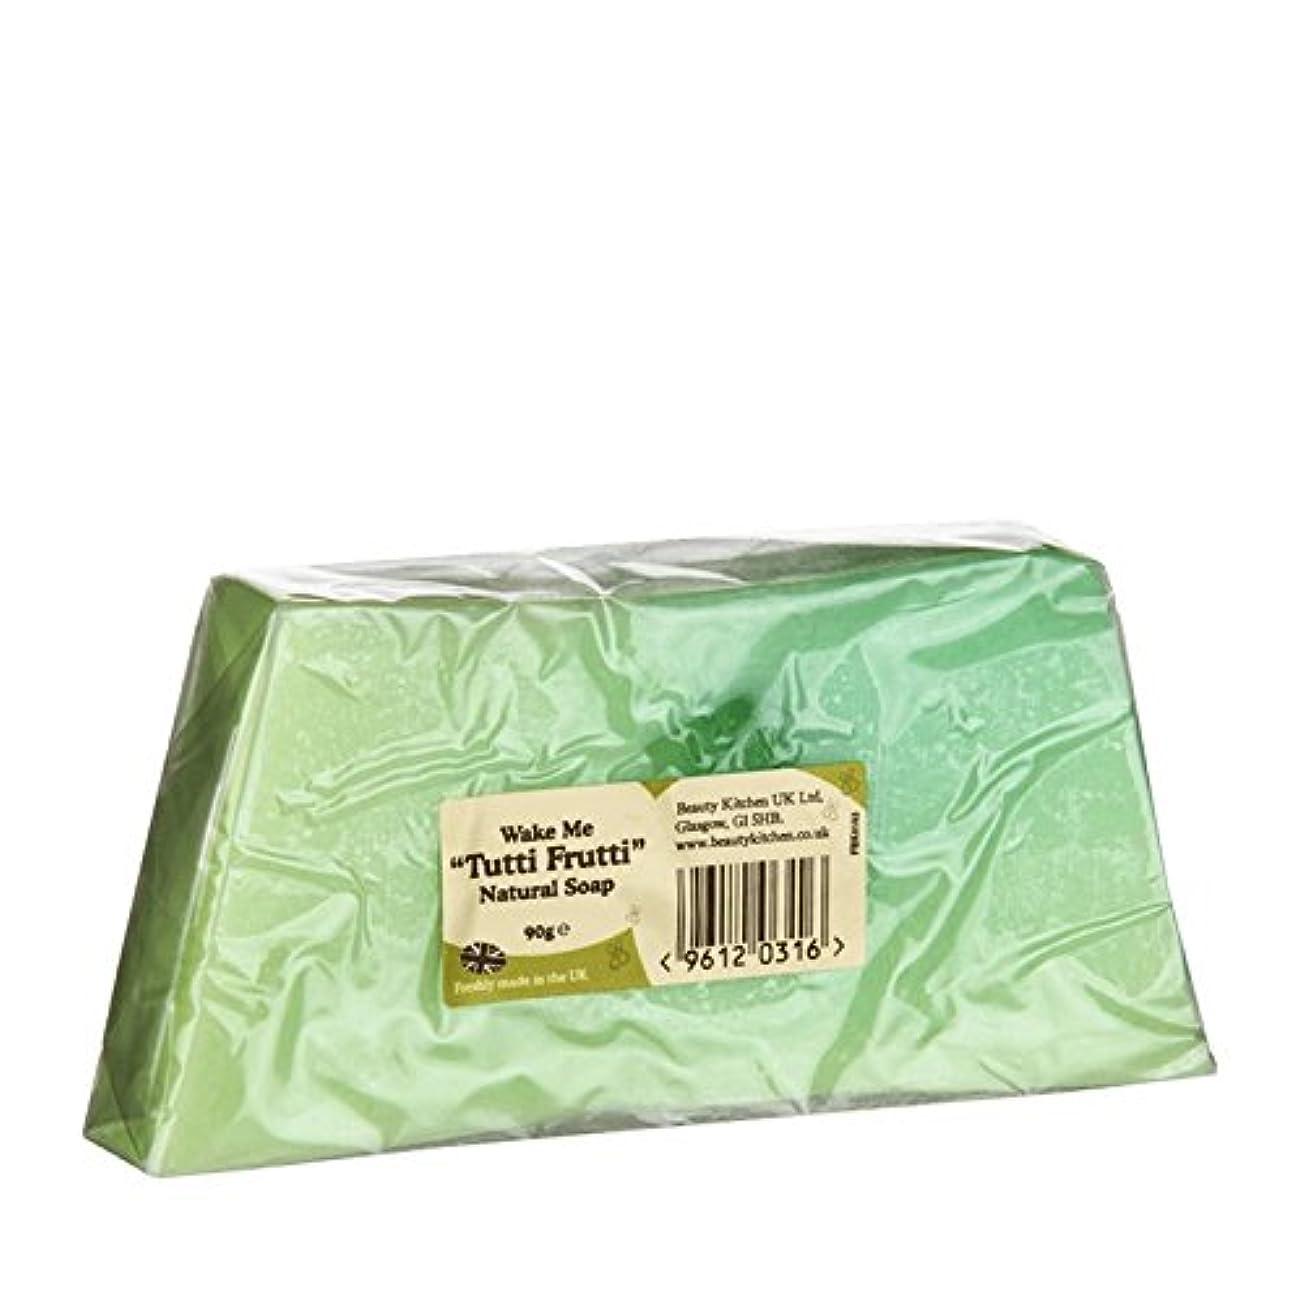 繰り返すワークショップ混合Beauty Kitchen Wake Me Tutti Frutti Natural Soap 90g (Pack of 2) - 美しさのキッチンは私トゥッティフルッティの天然石鹸90グラムウェイク (x2) [並行輸入品]